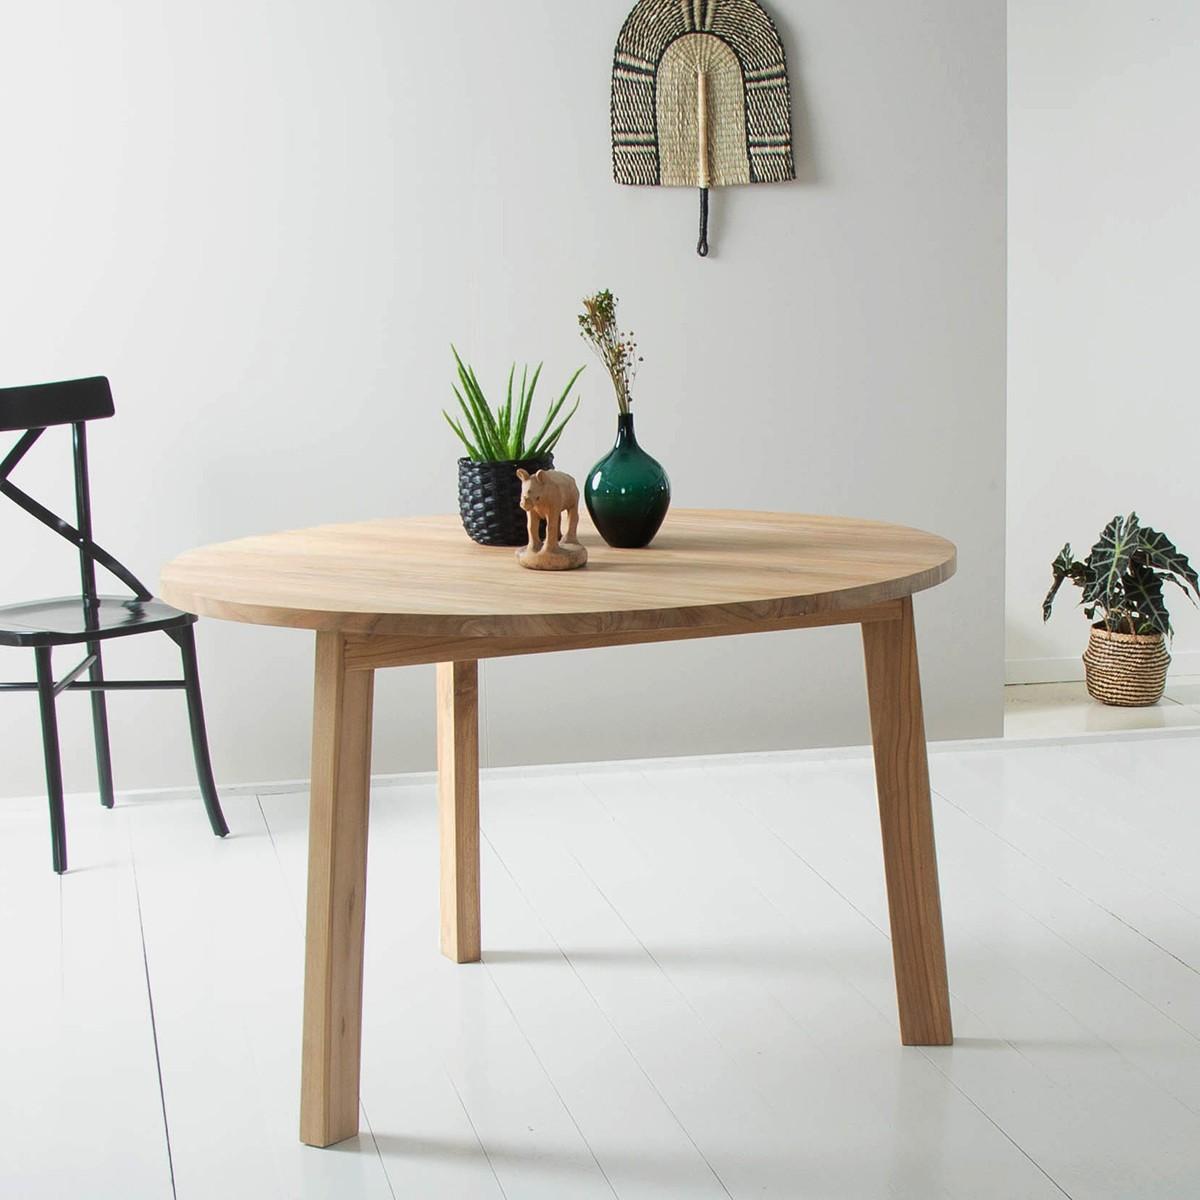 Table ronde 6 personnes CARGO en bois de teck recyclé - Bois